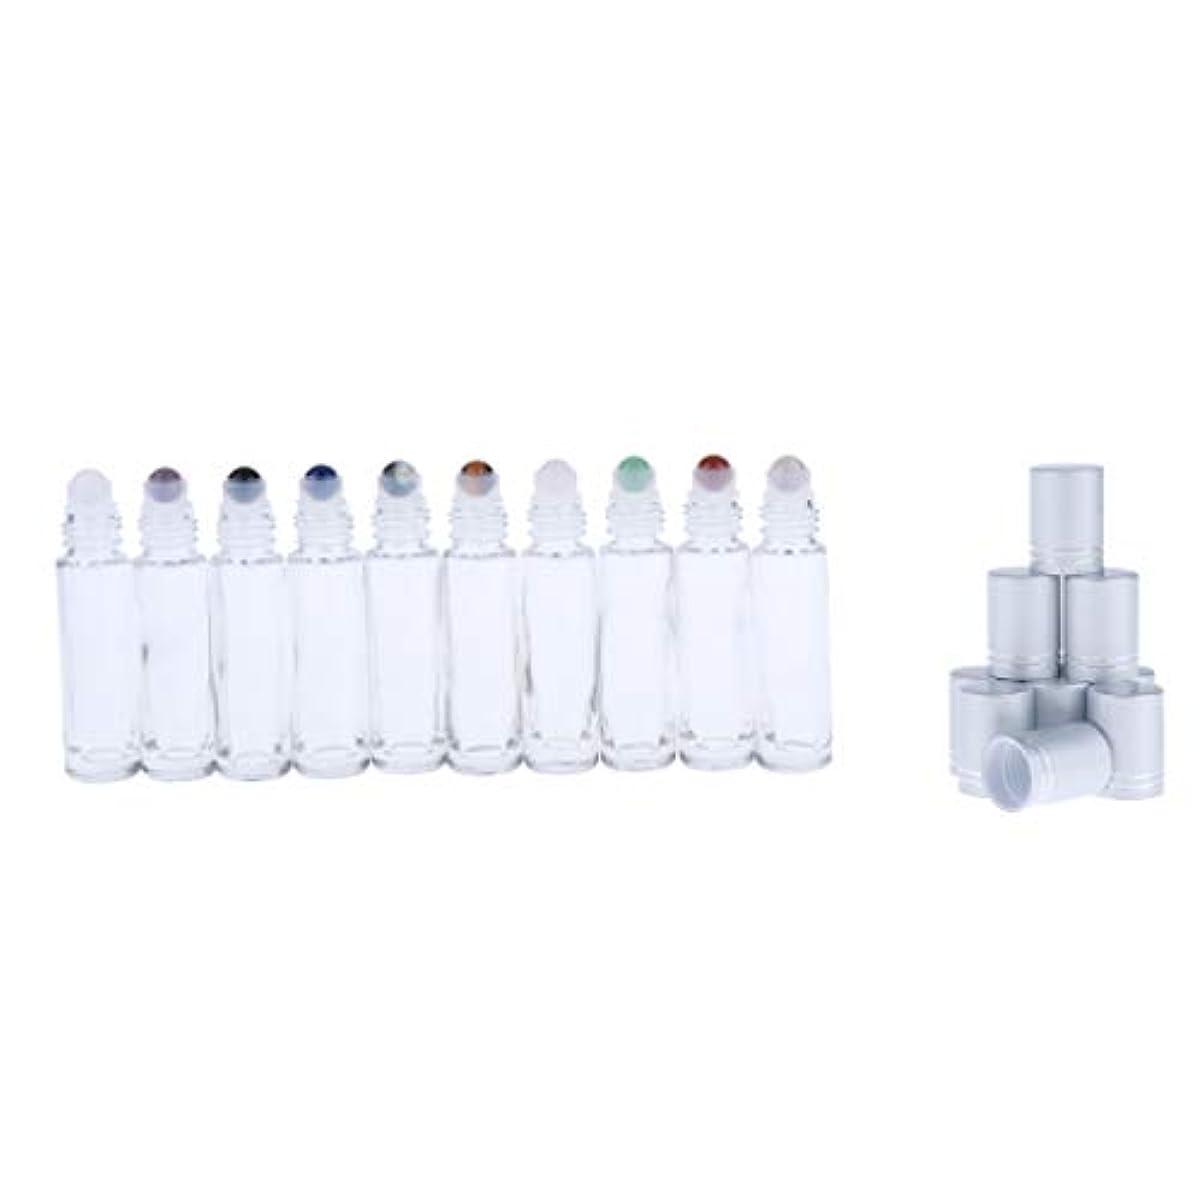 アロング申請中に頼る10ml ロールオンボトル ガラス容器 透明 香水 アロマ 精油 小分け用 見分け携帯便利 10個入